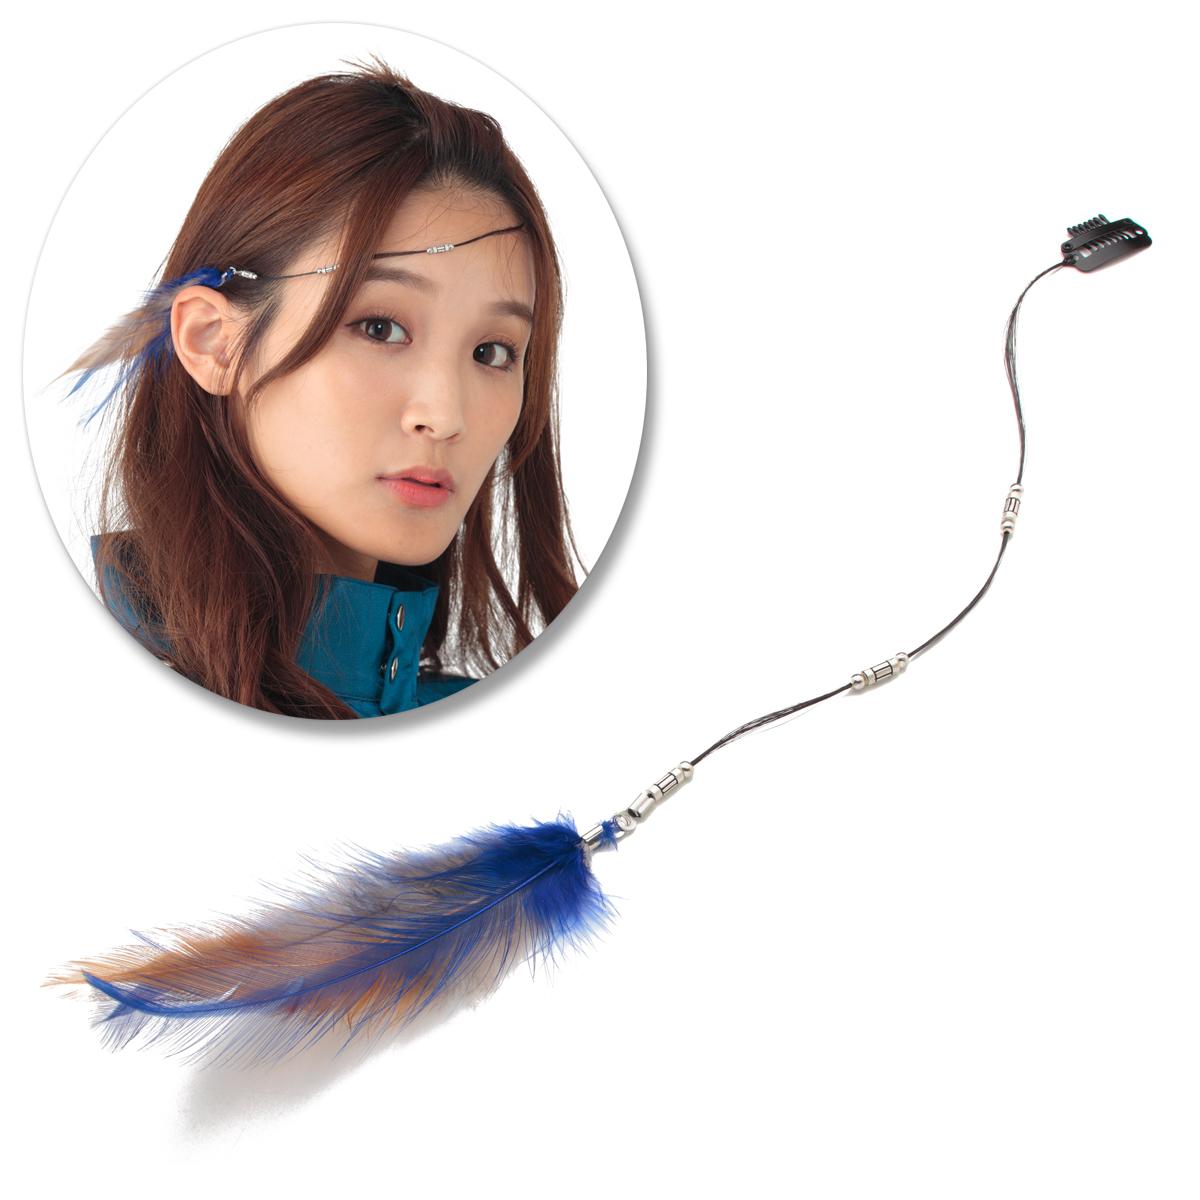 羽髪飾り ウール.jpg